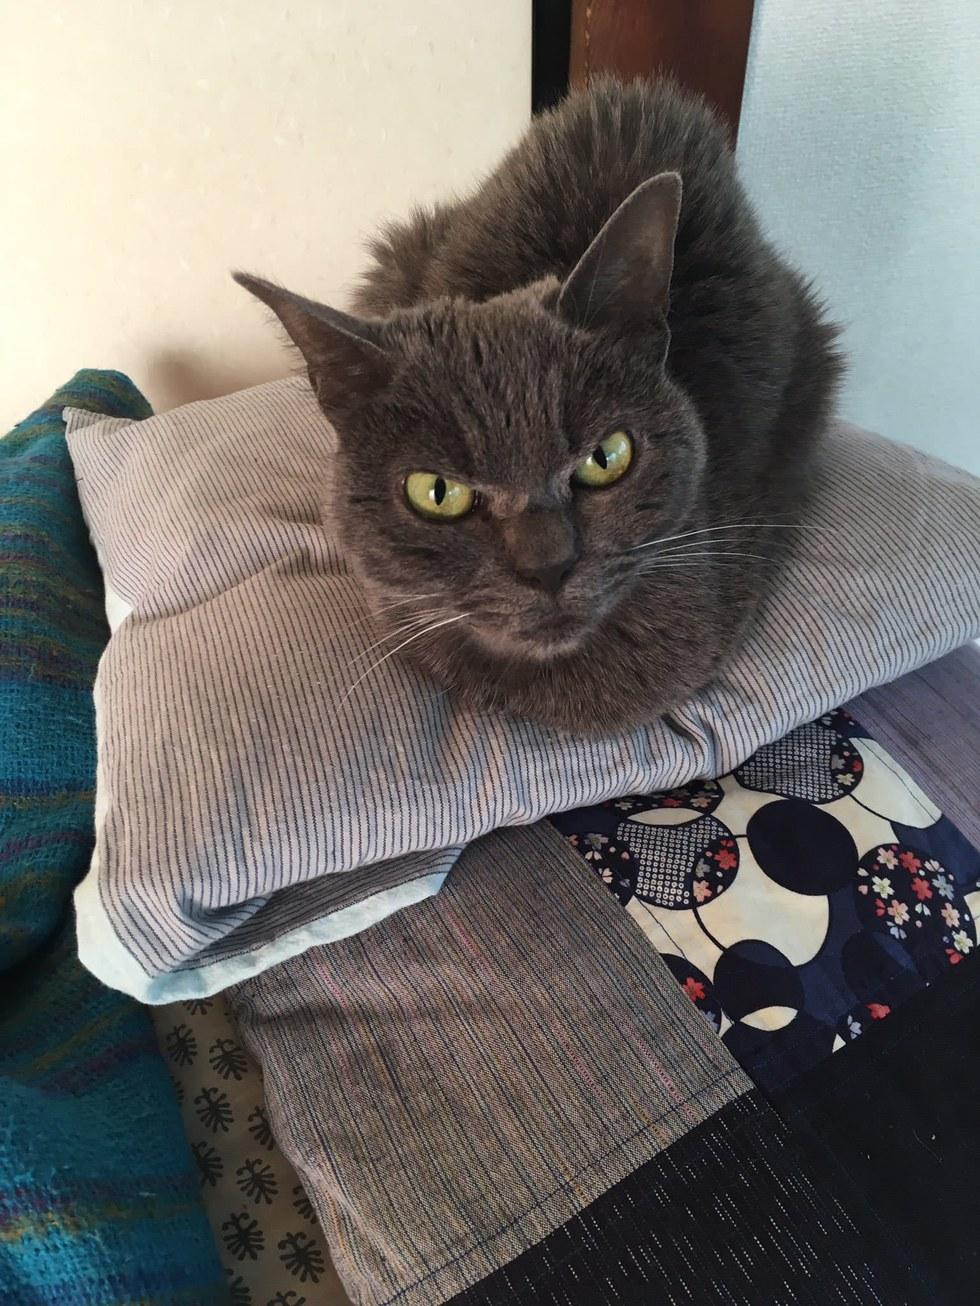 shamo3 - Tak Ada yang Mau Mengadopsi Kucing ini karena Punya Wajah Pemarah